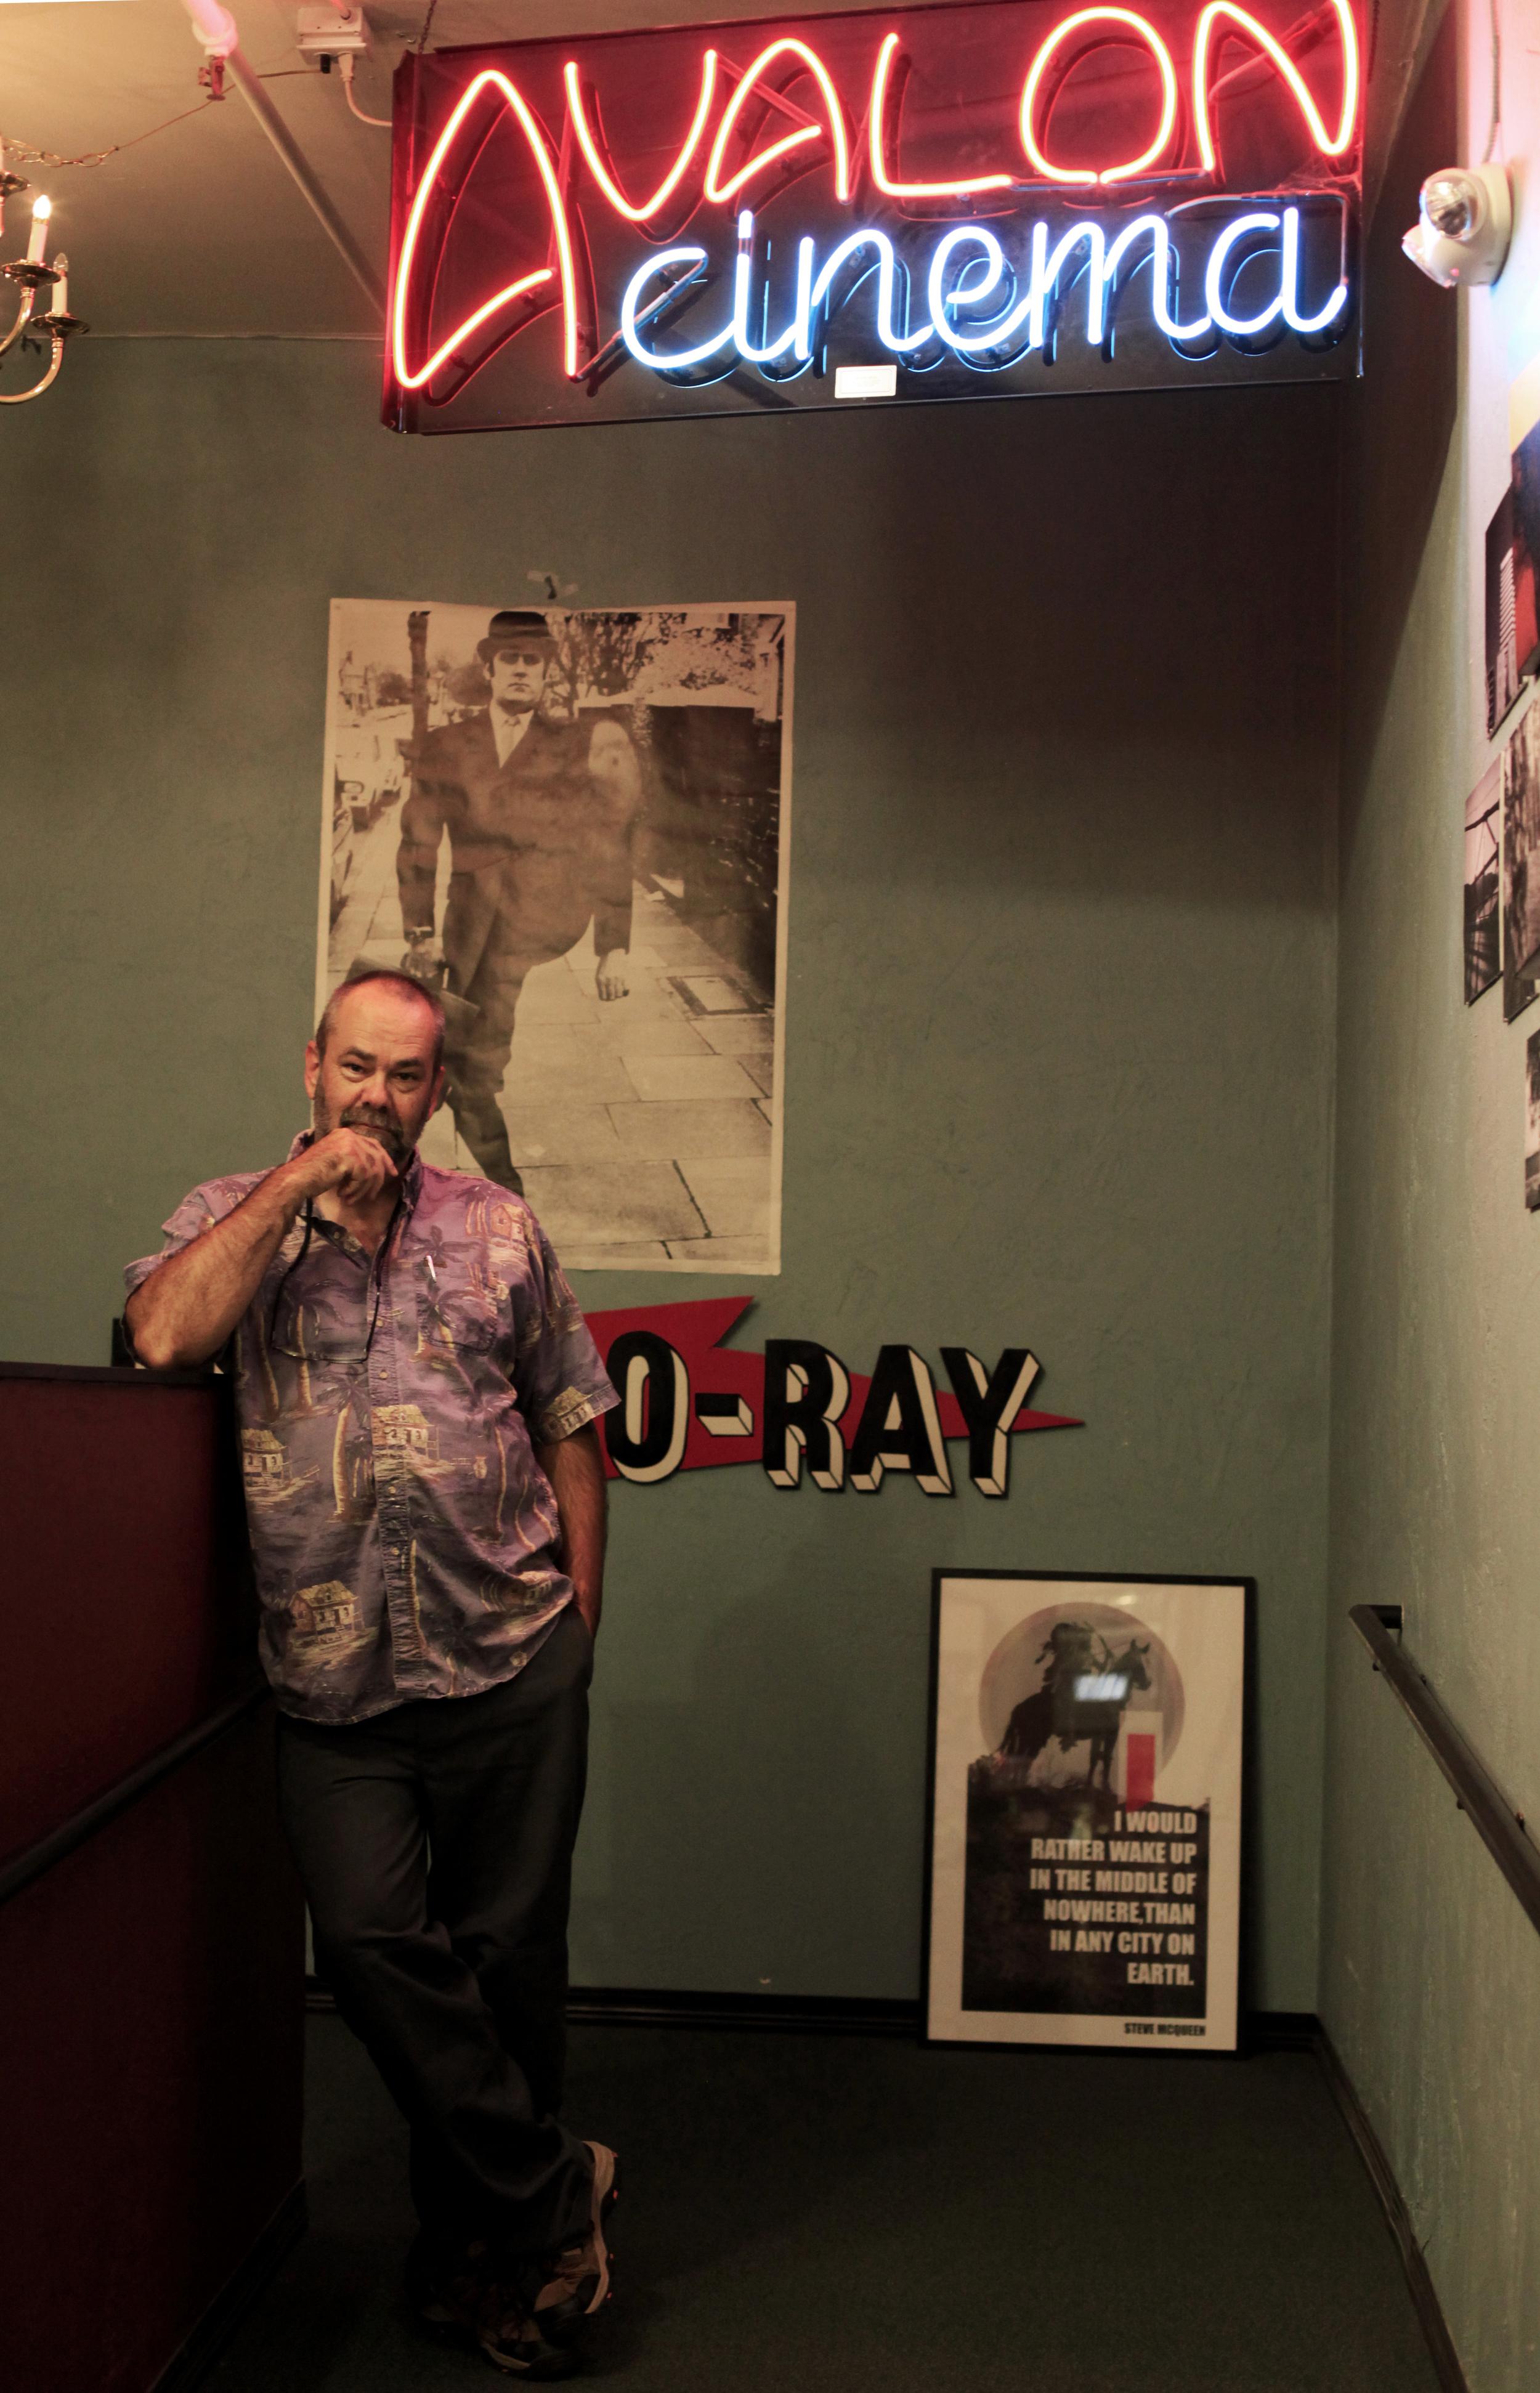 Darkside Cinema proprietor Paul Turner